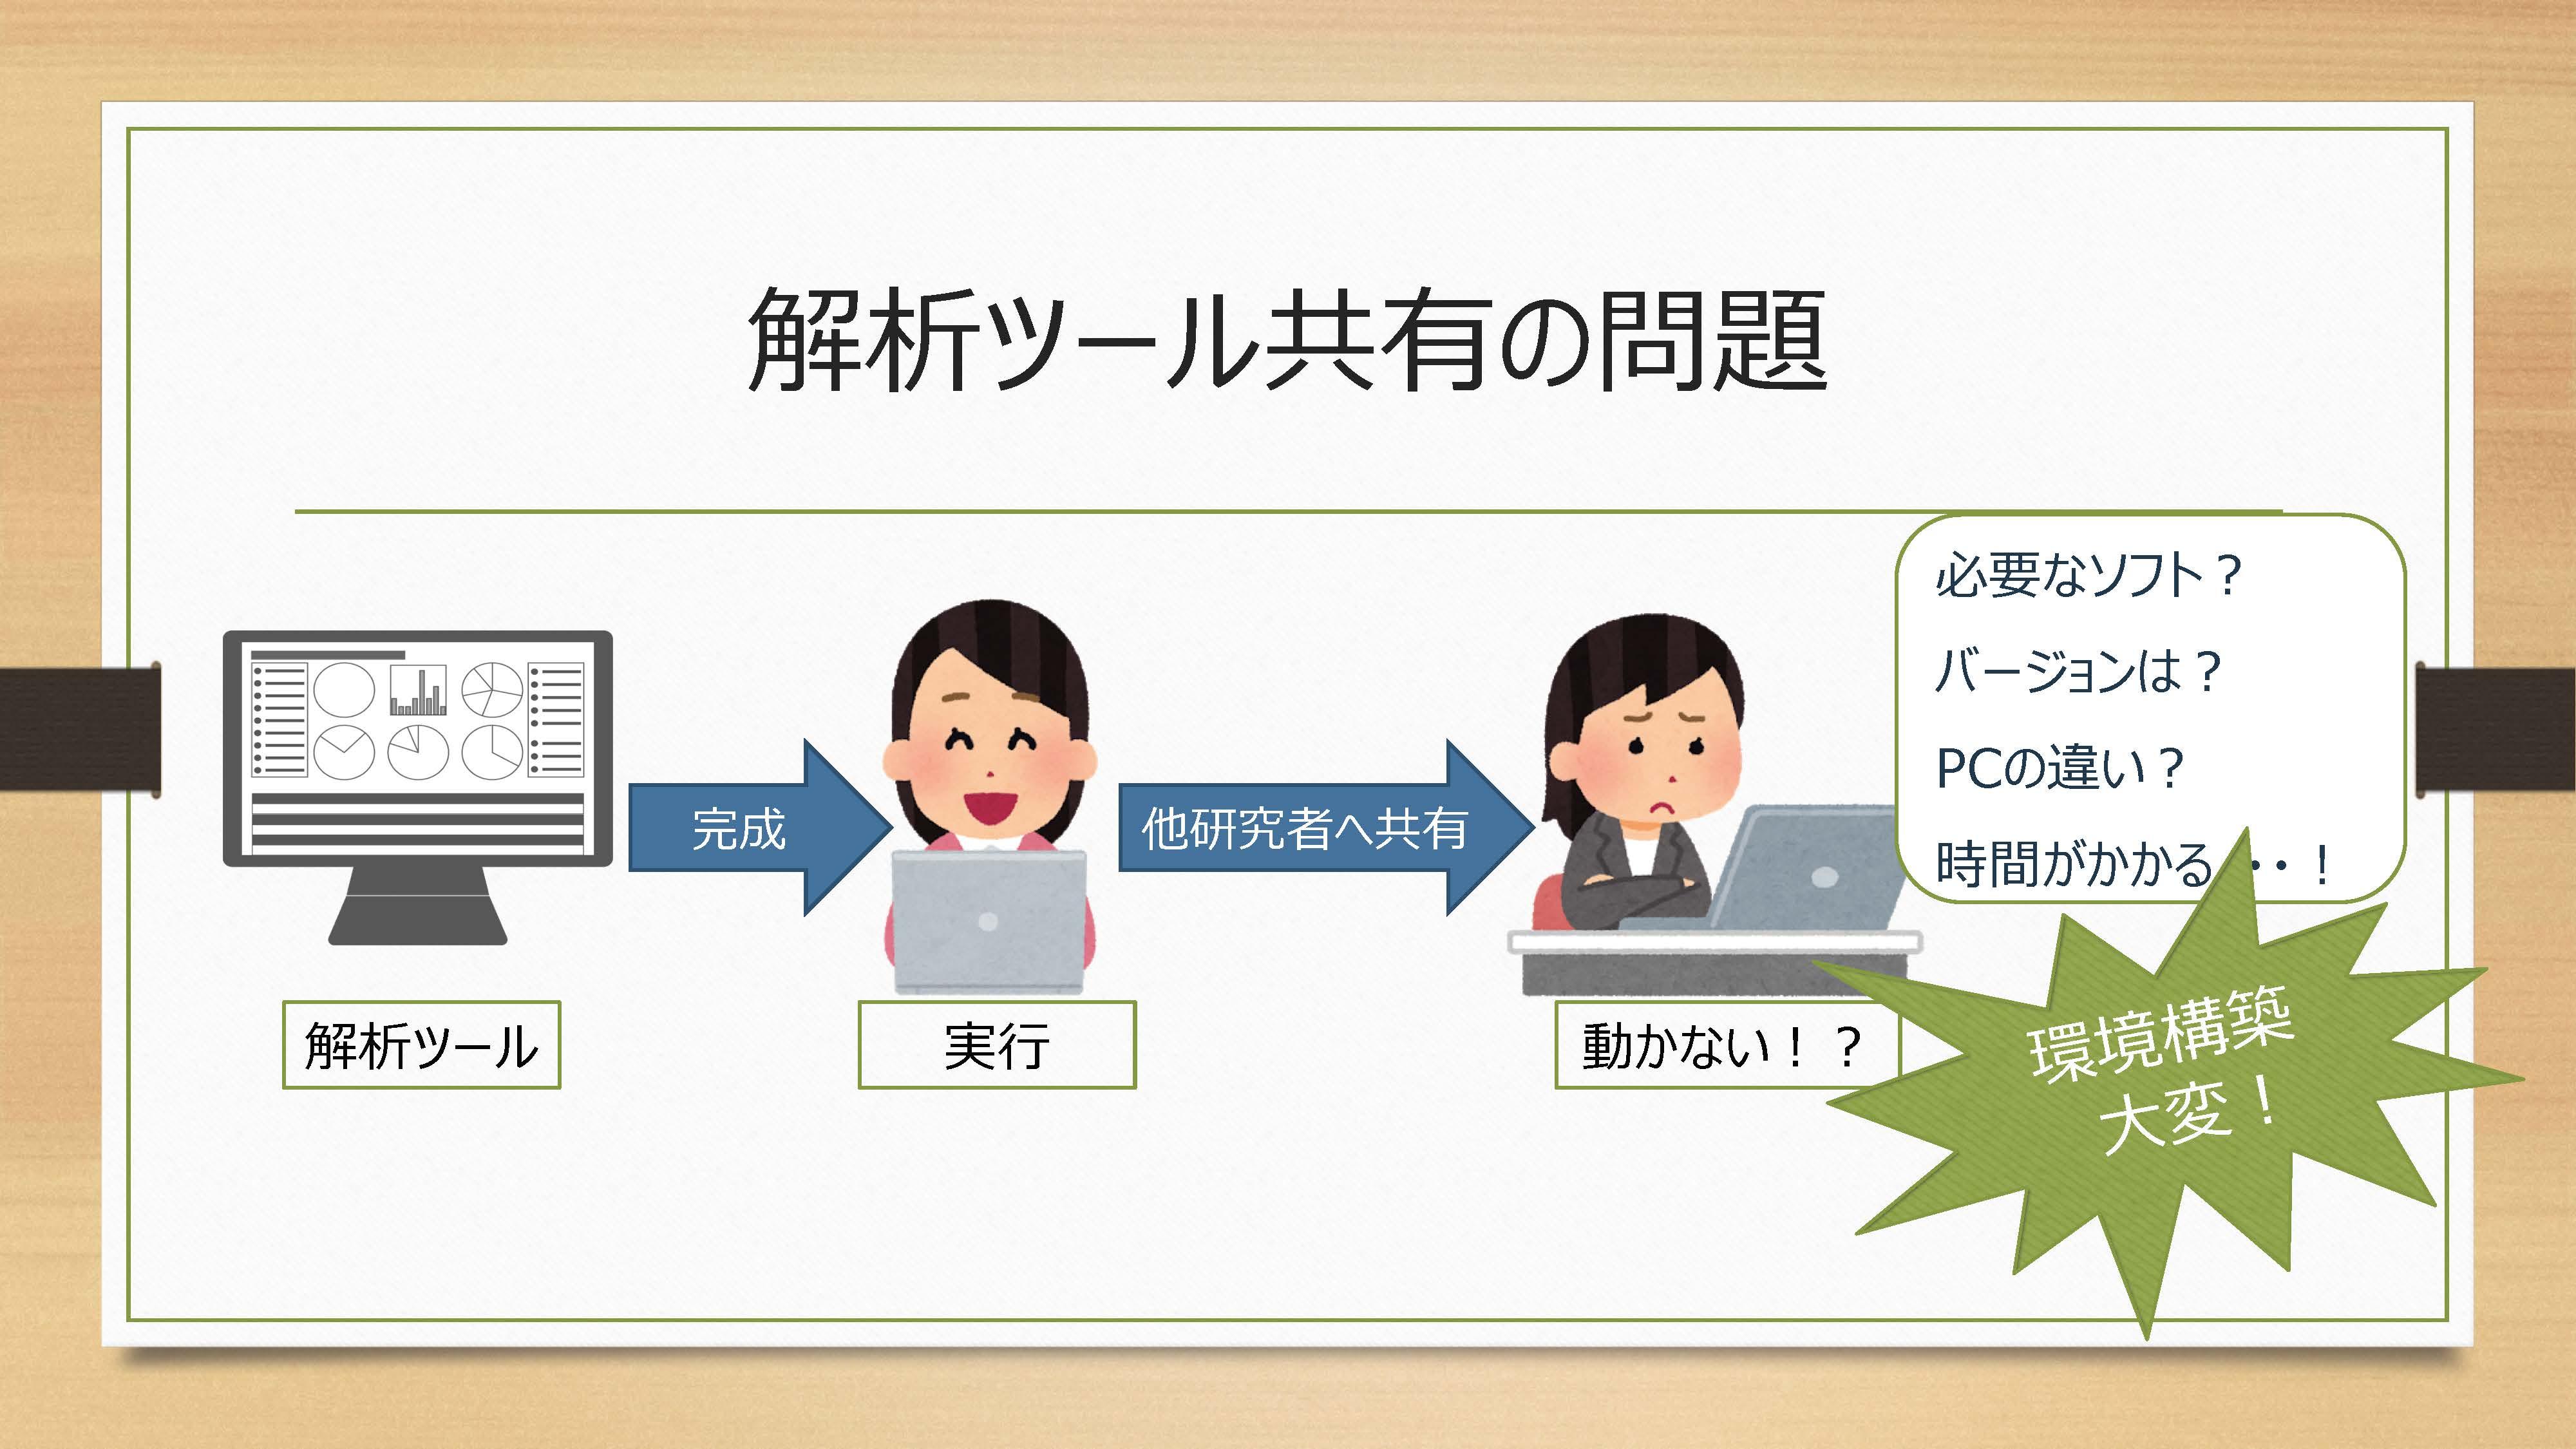 つるおか_ページ_09.jpg